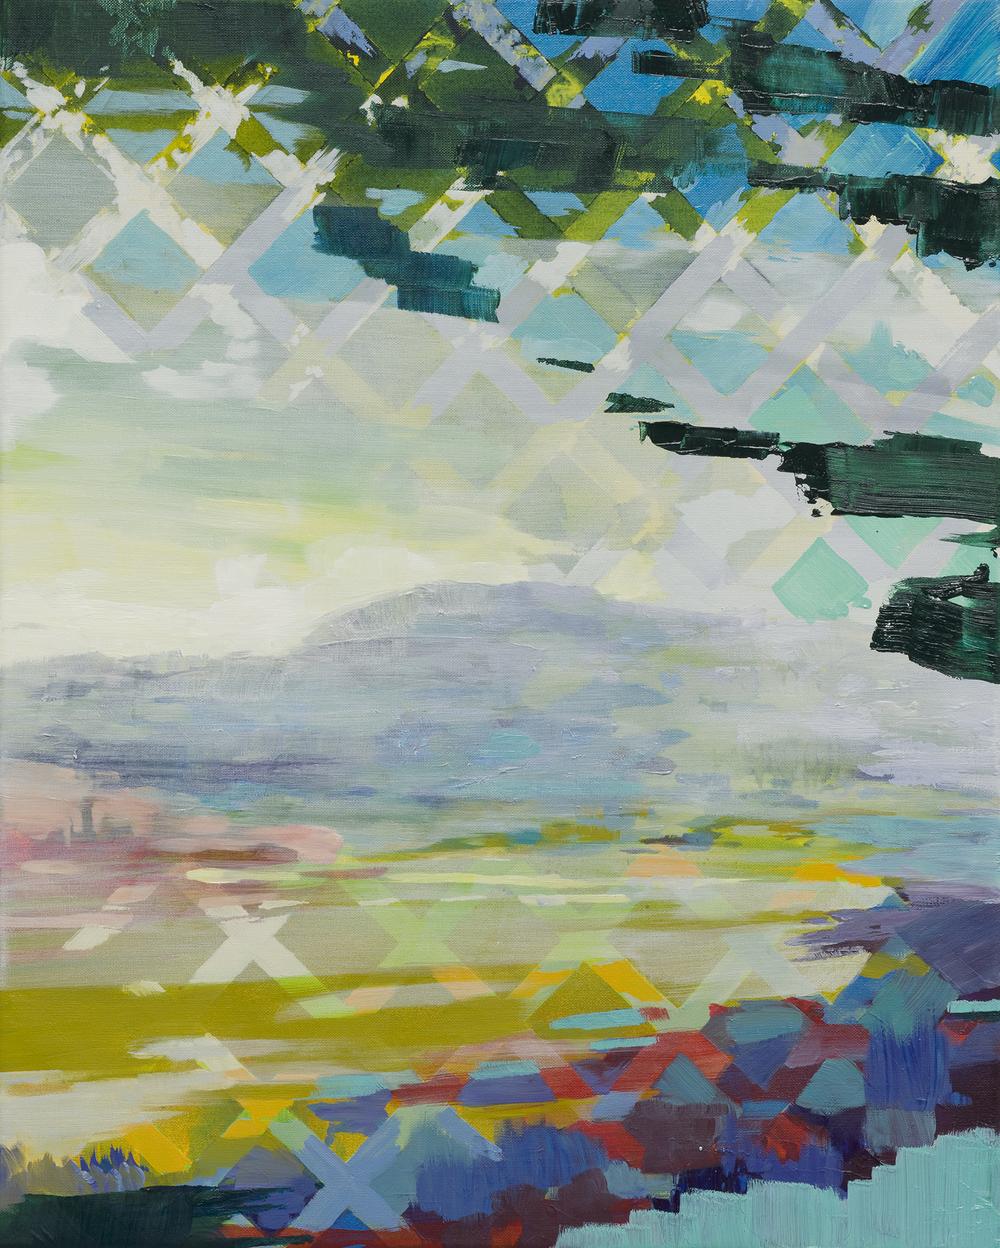 Tilt, 2014, 50 x 40 cm, oil on canvas